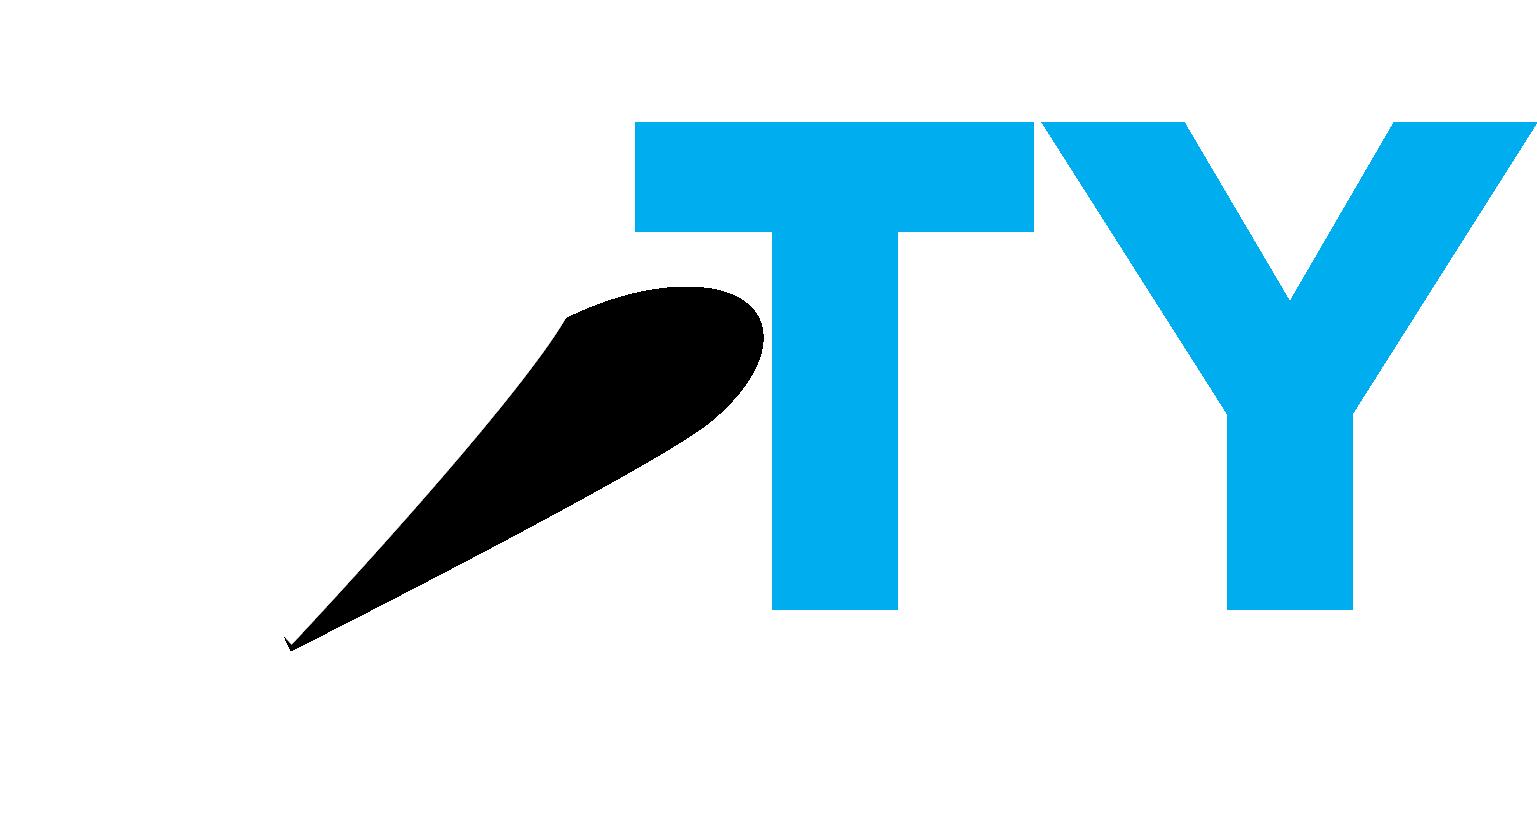 ubermenu_logo